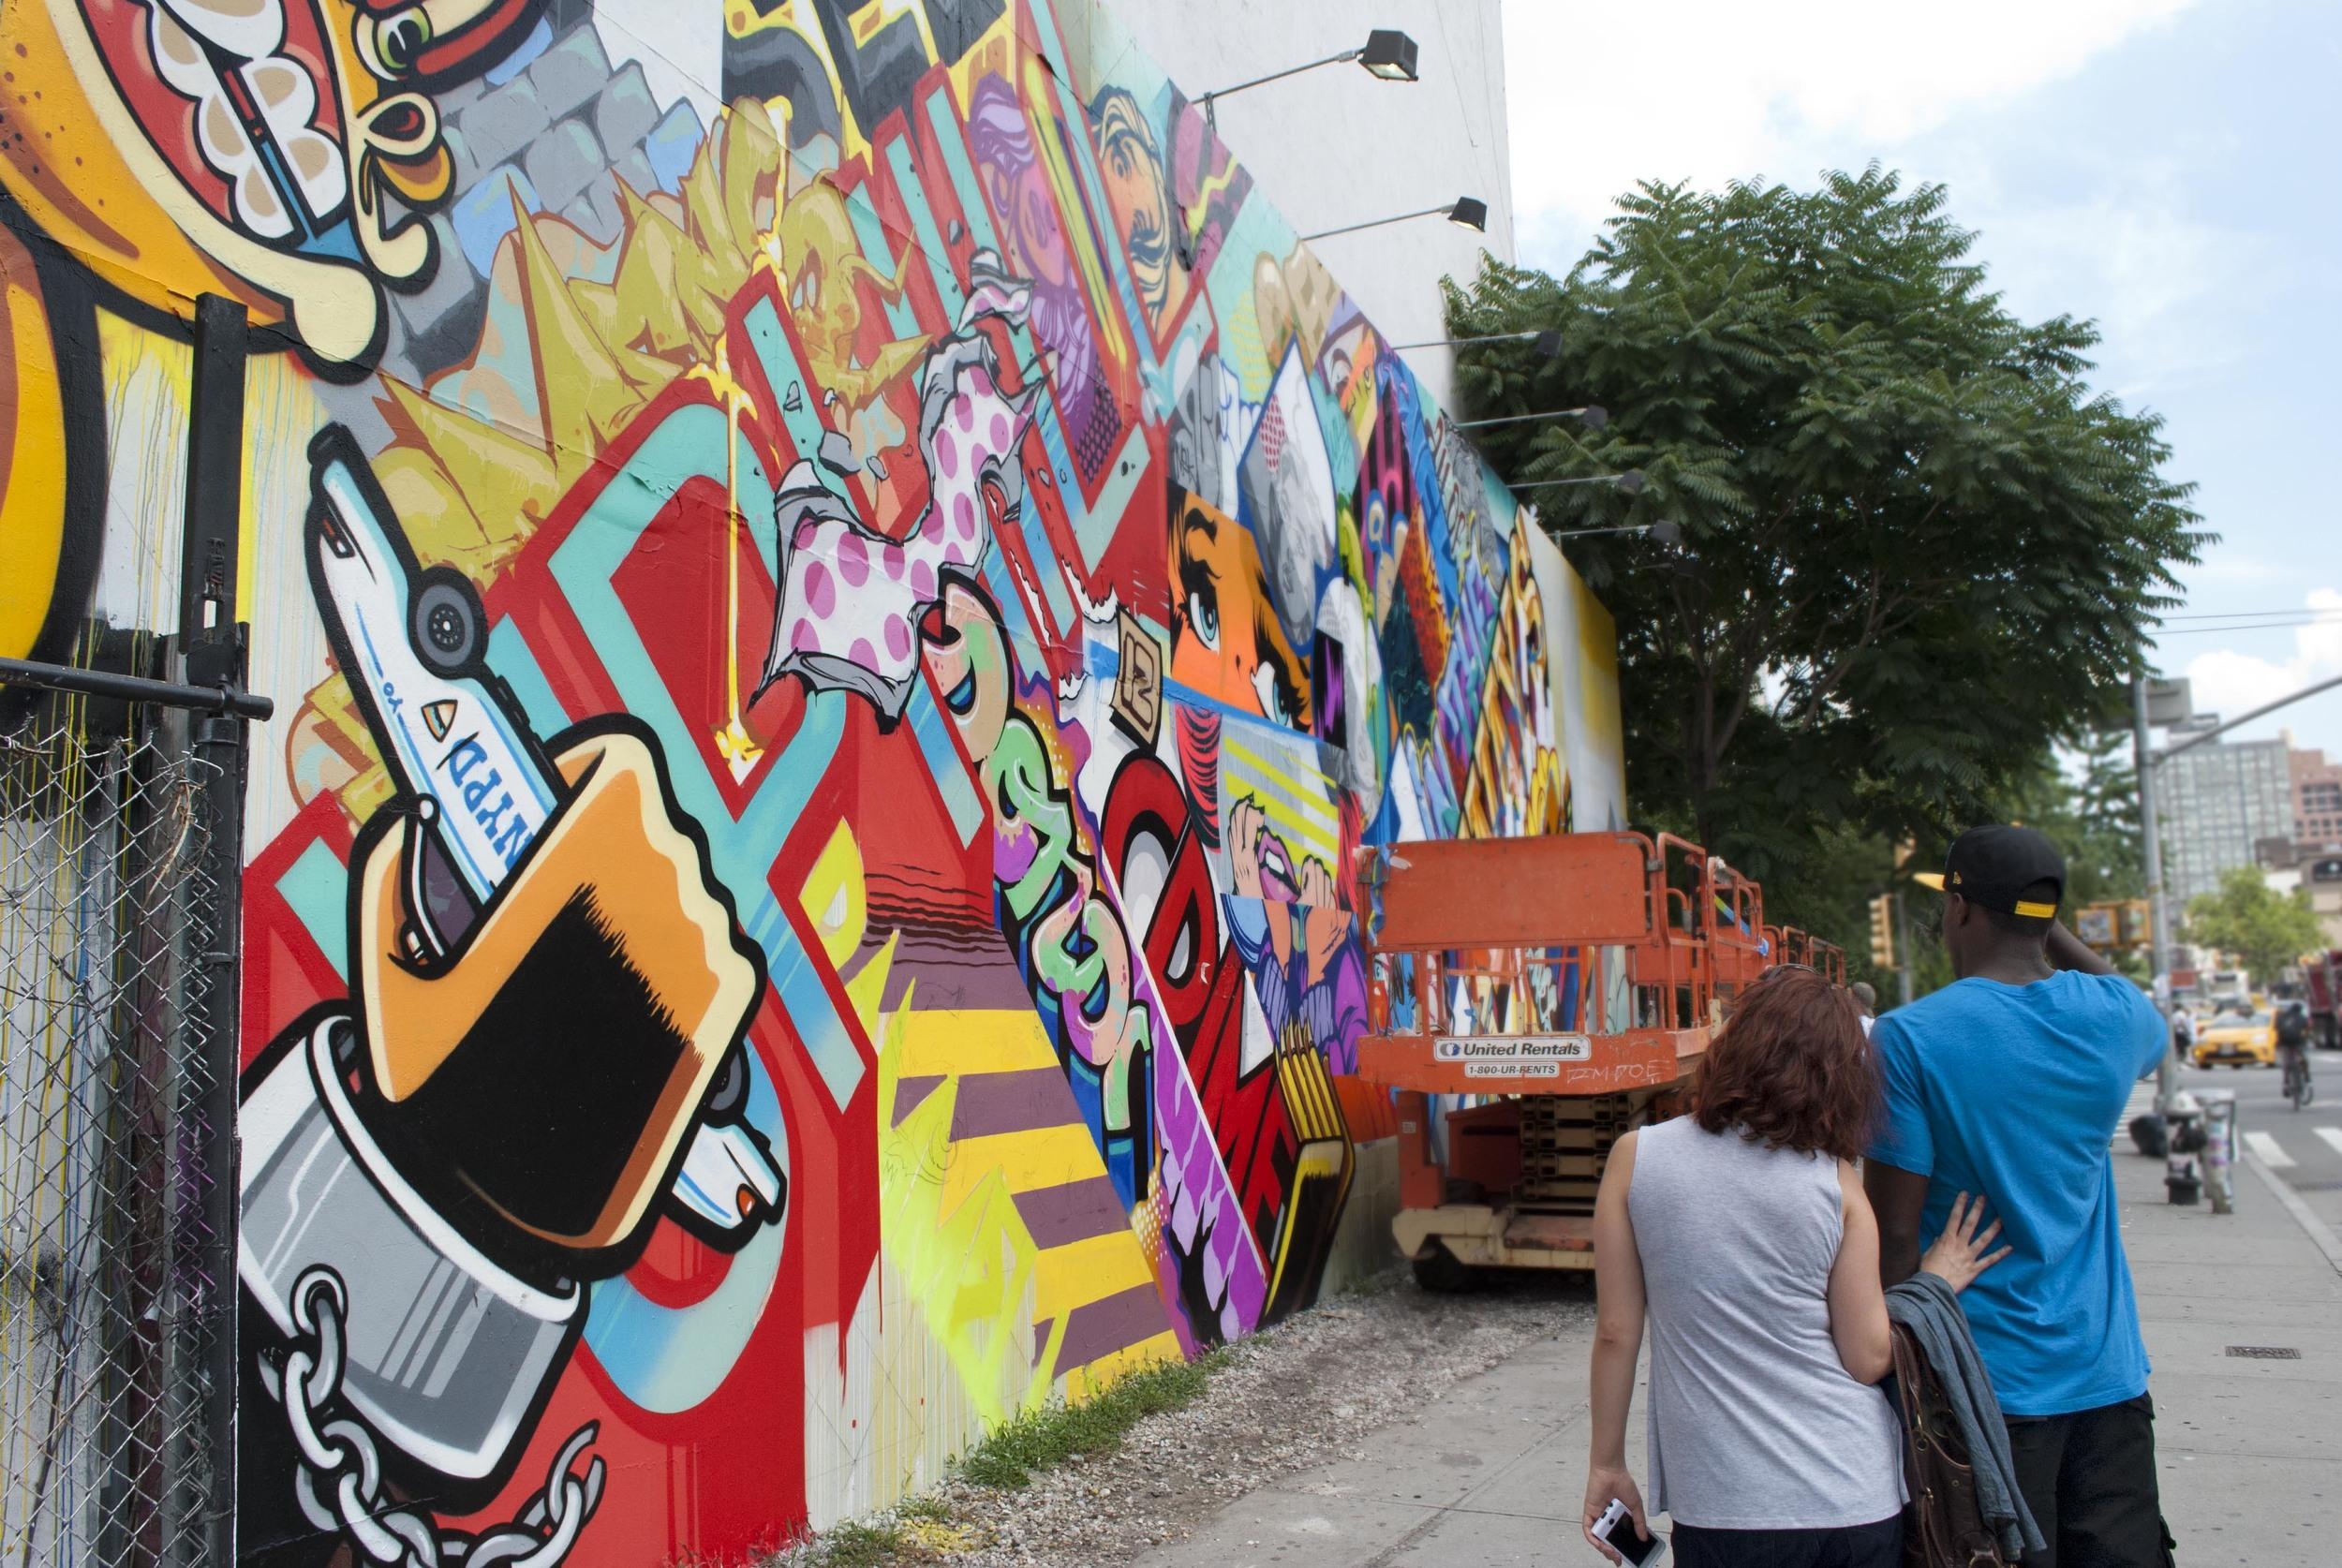 Houston-Bowery-mural-revok-pose-d